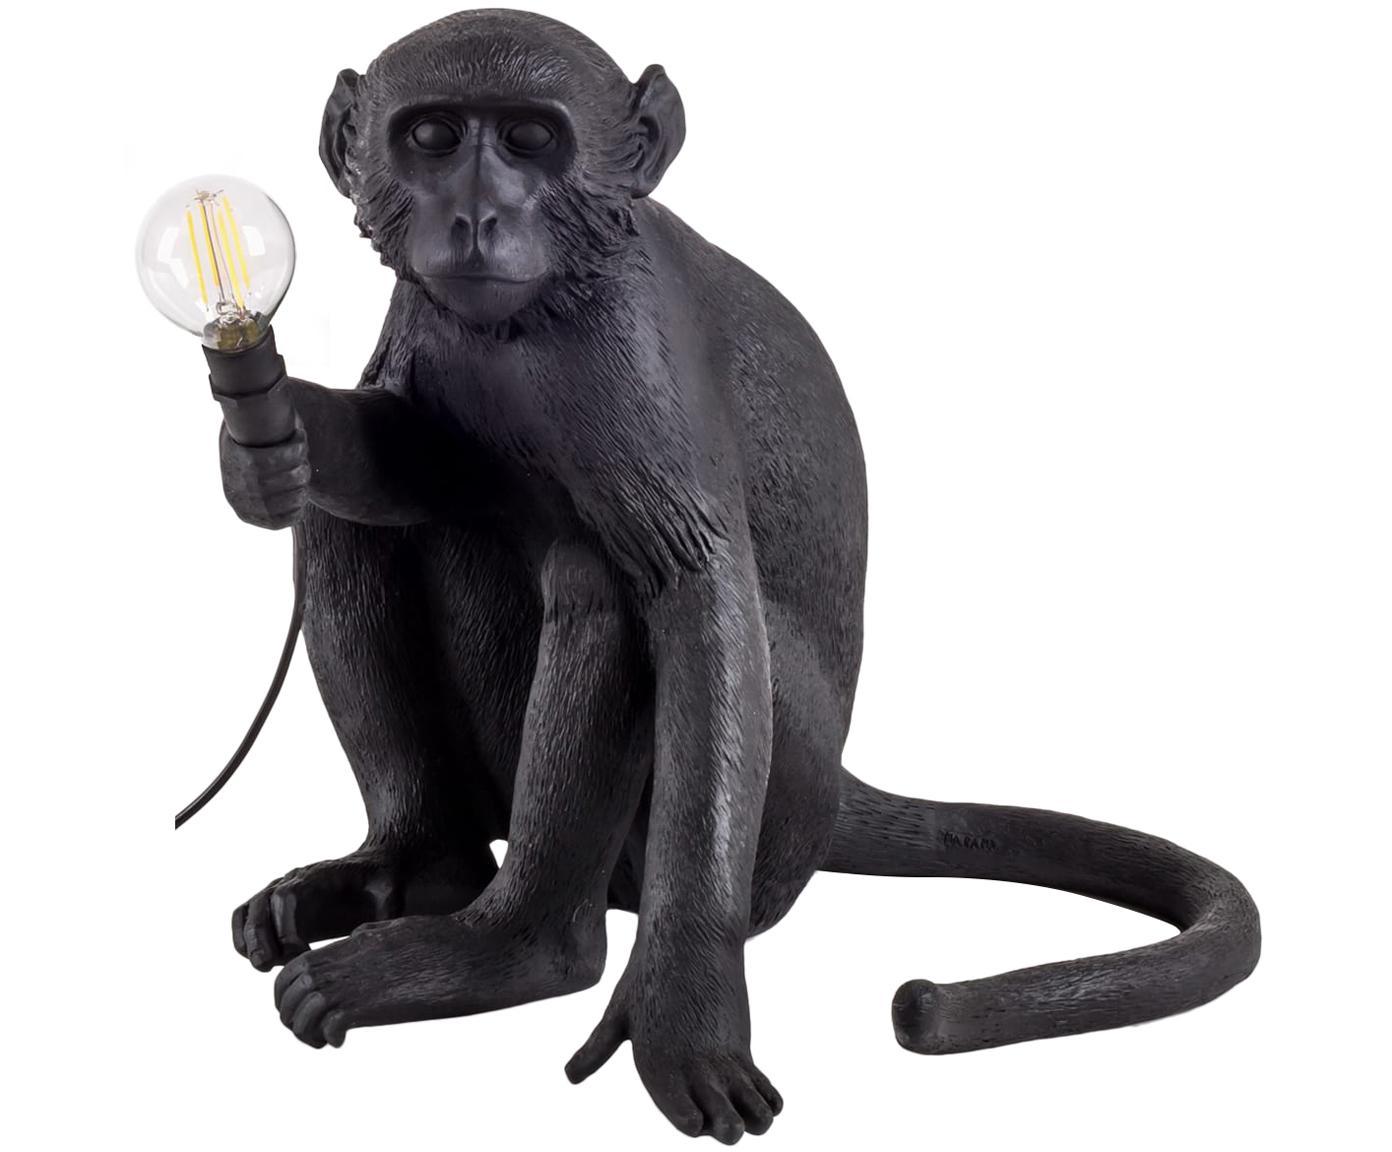 Außen-Tischleuchte Monkey, Kunstharz, Schwarz, 34 x 32 cm